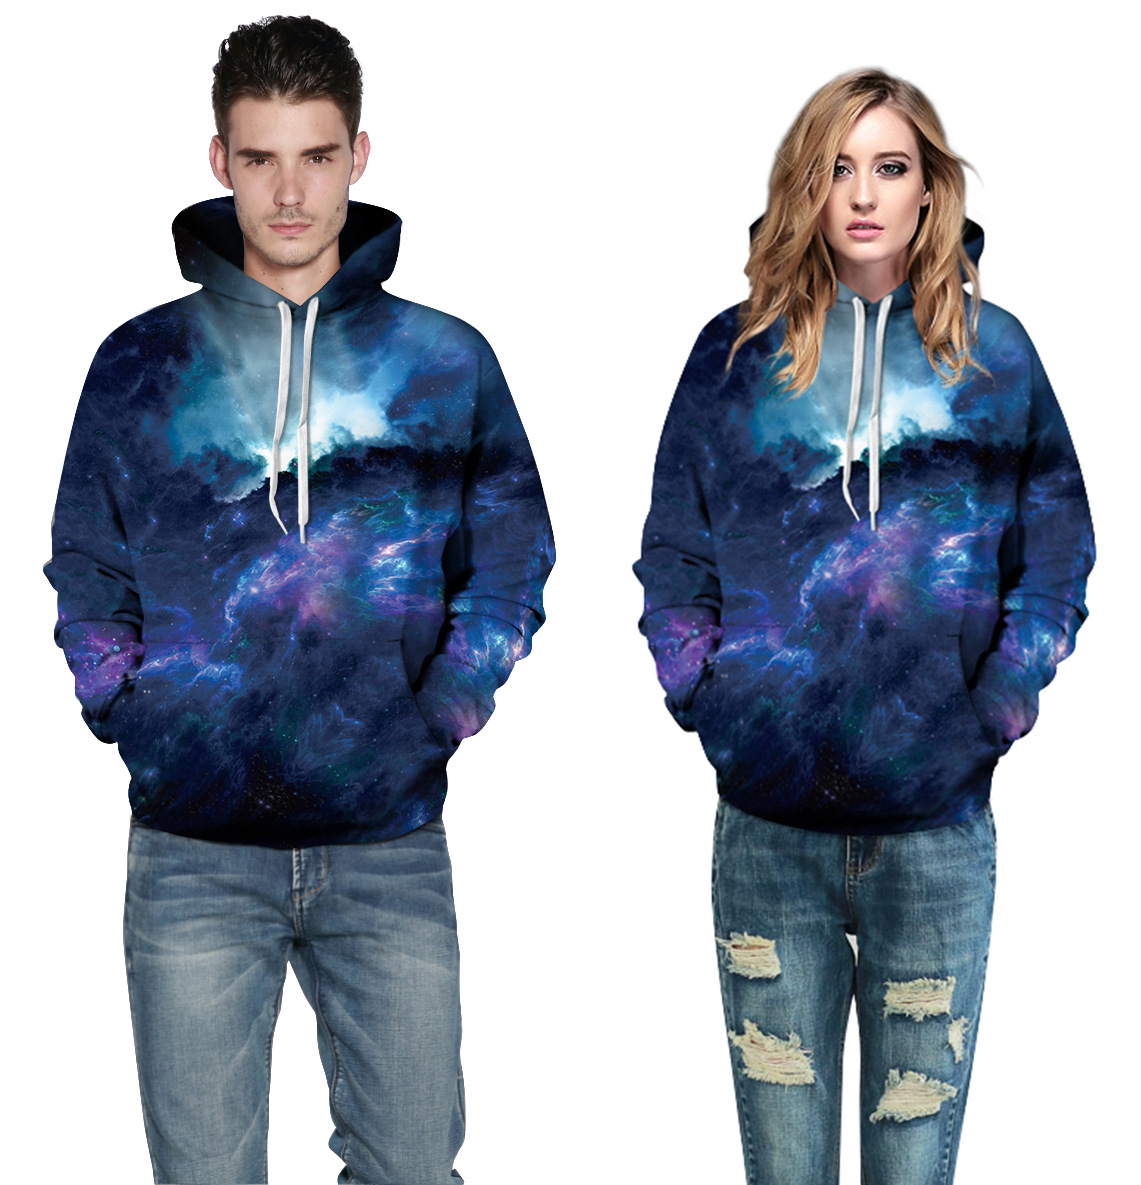 Angemessen Neue Stil Kreative Digitale Druck Männer Und Frauen Sweatshirt Starry Sky Muster Druck Pullover Lose Große Größe Casual Wear